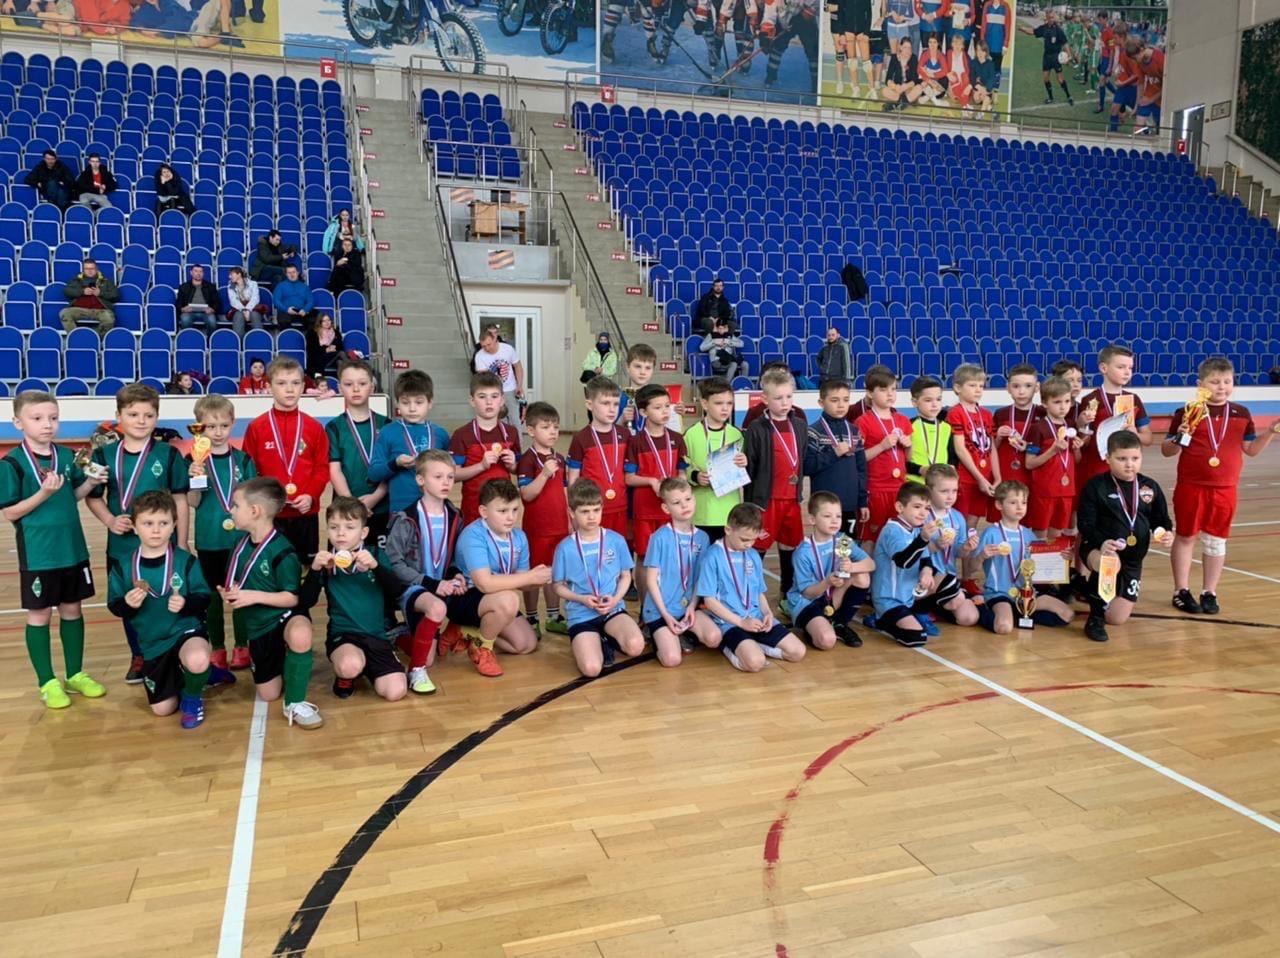 23 февраля в универсальном зале МУ «СЦ им. А.Гринина» состоялся Турнир по мини-футболу среди детских команд, посвящённый «Дню защитника Отечества».